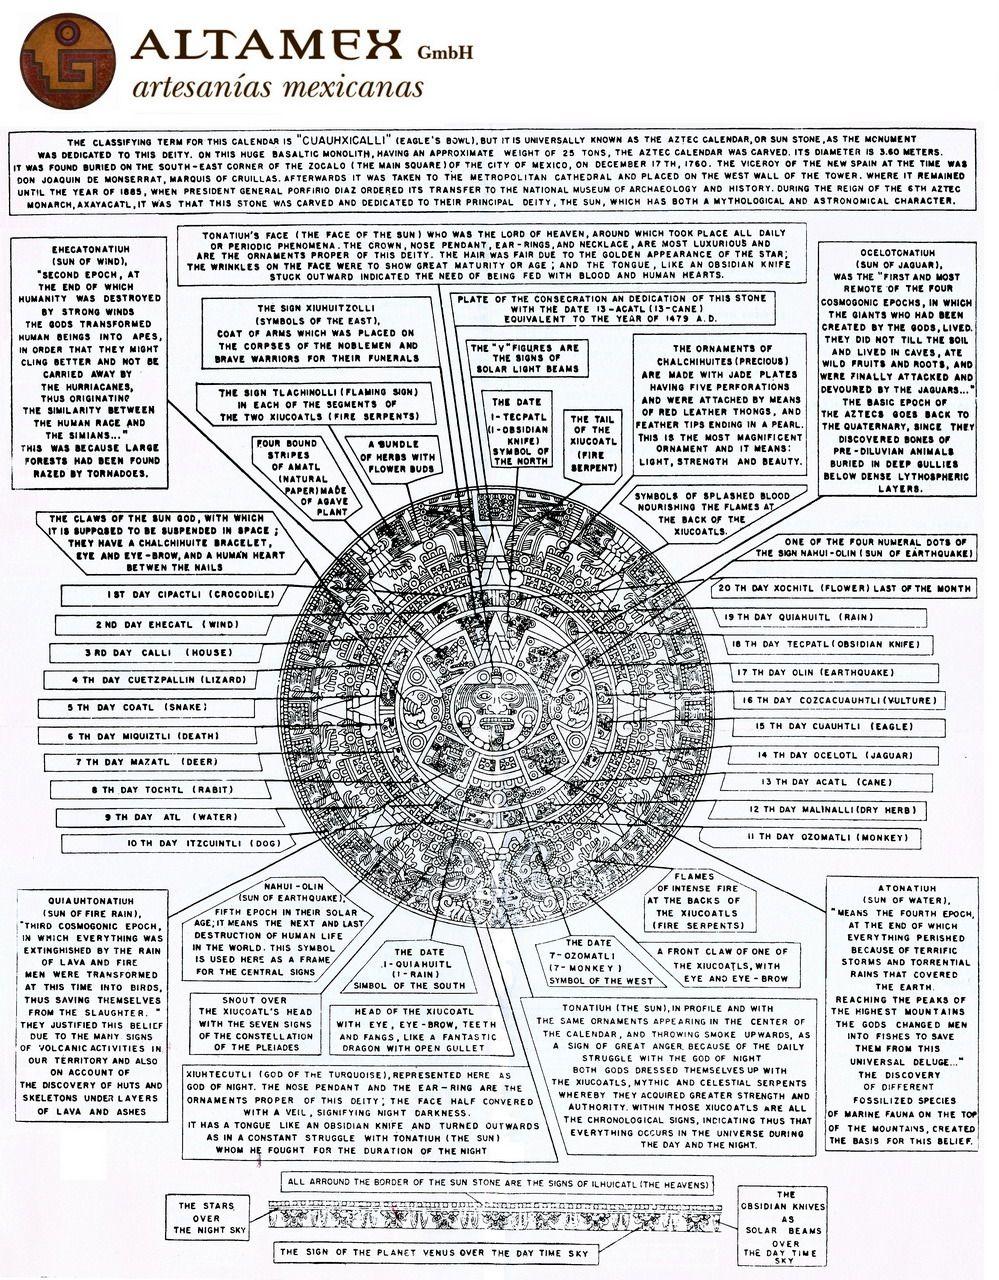 How To Read The Aztec Callender | Mayan Calendar Aztec